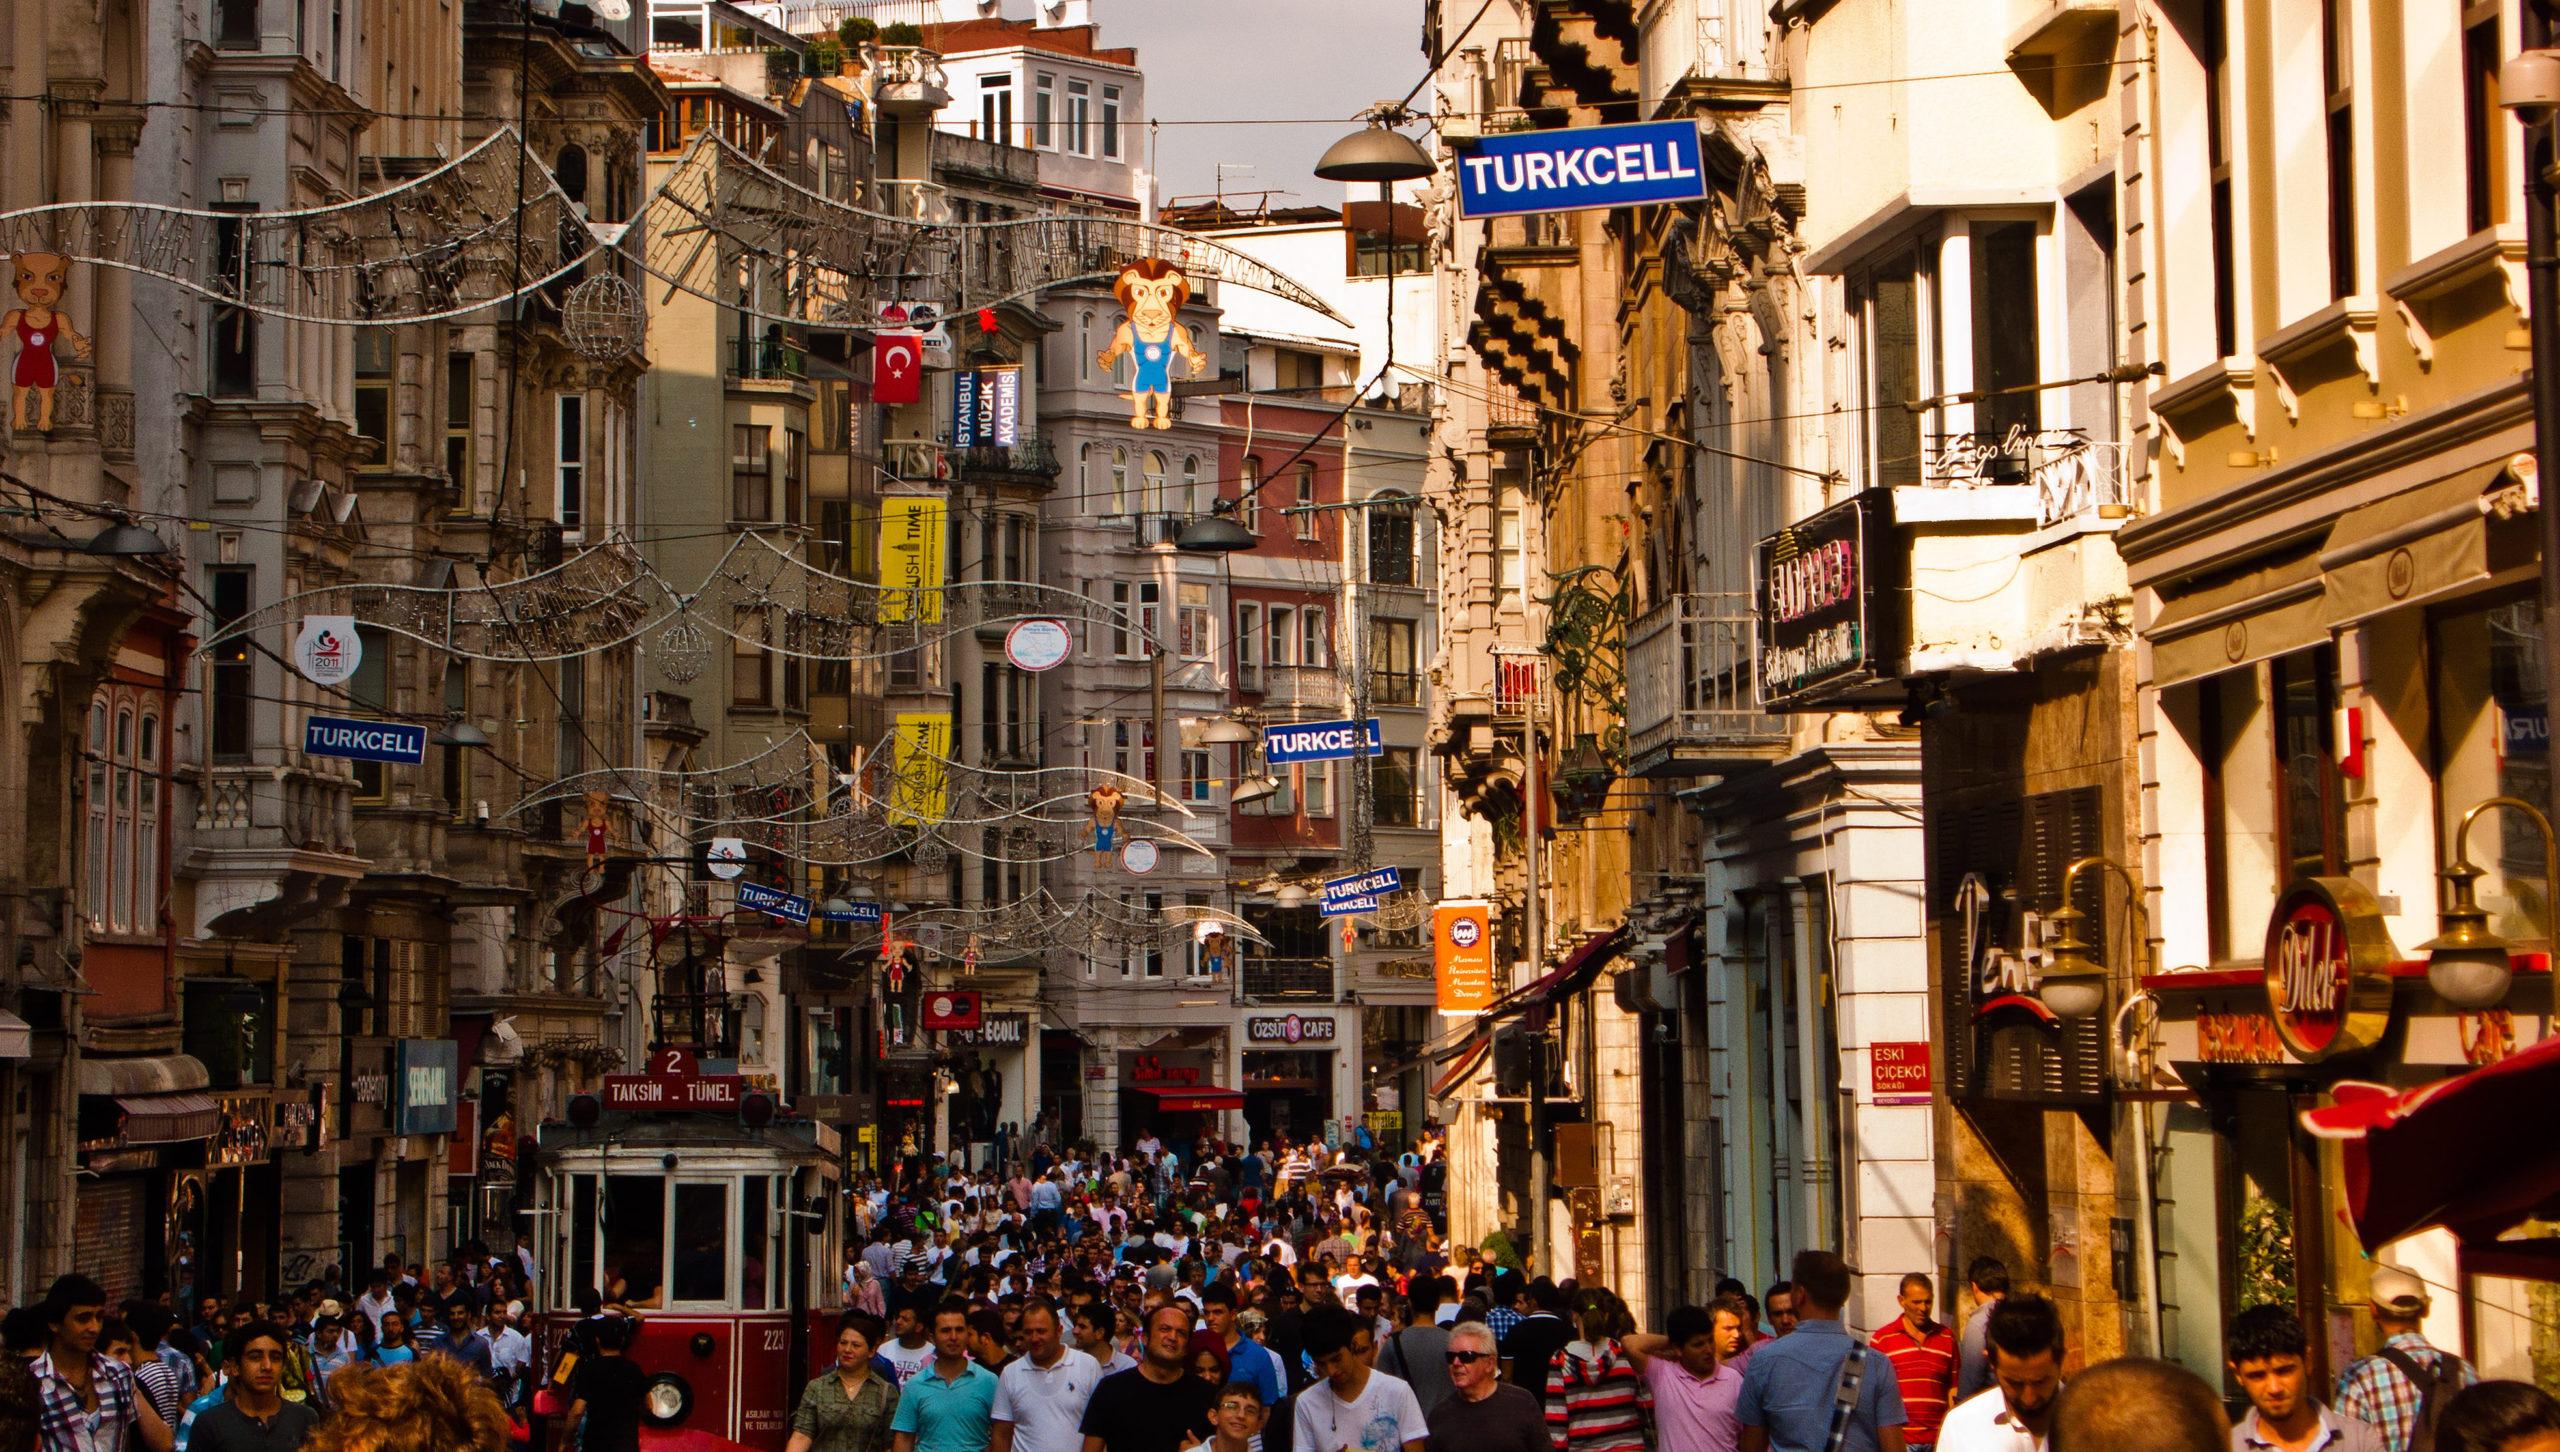 Как отдохнуть в Турции без неловких ситуаций: 5 главных ошибок туристов